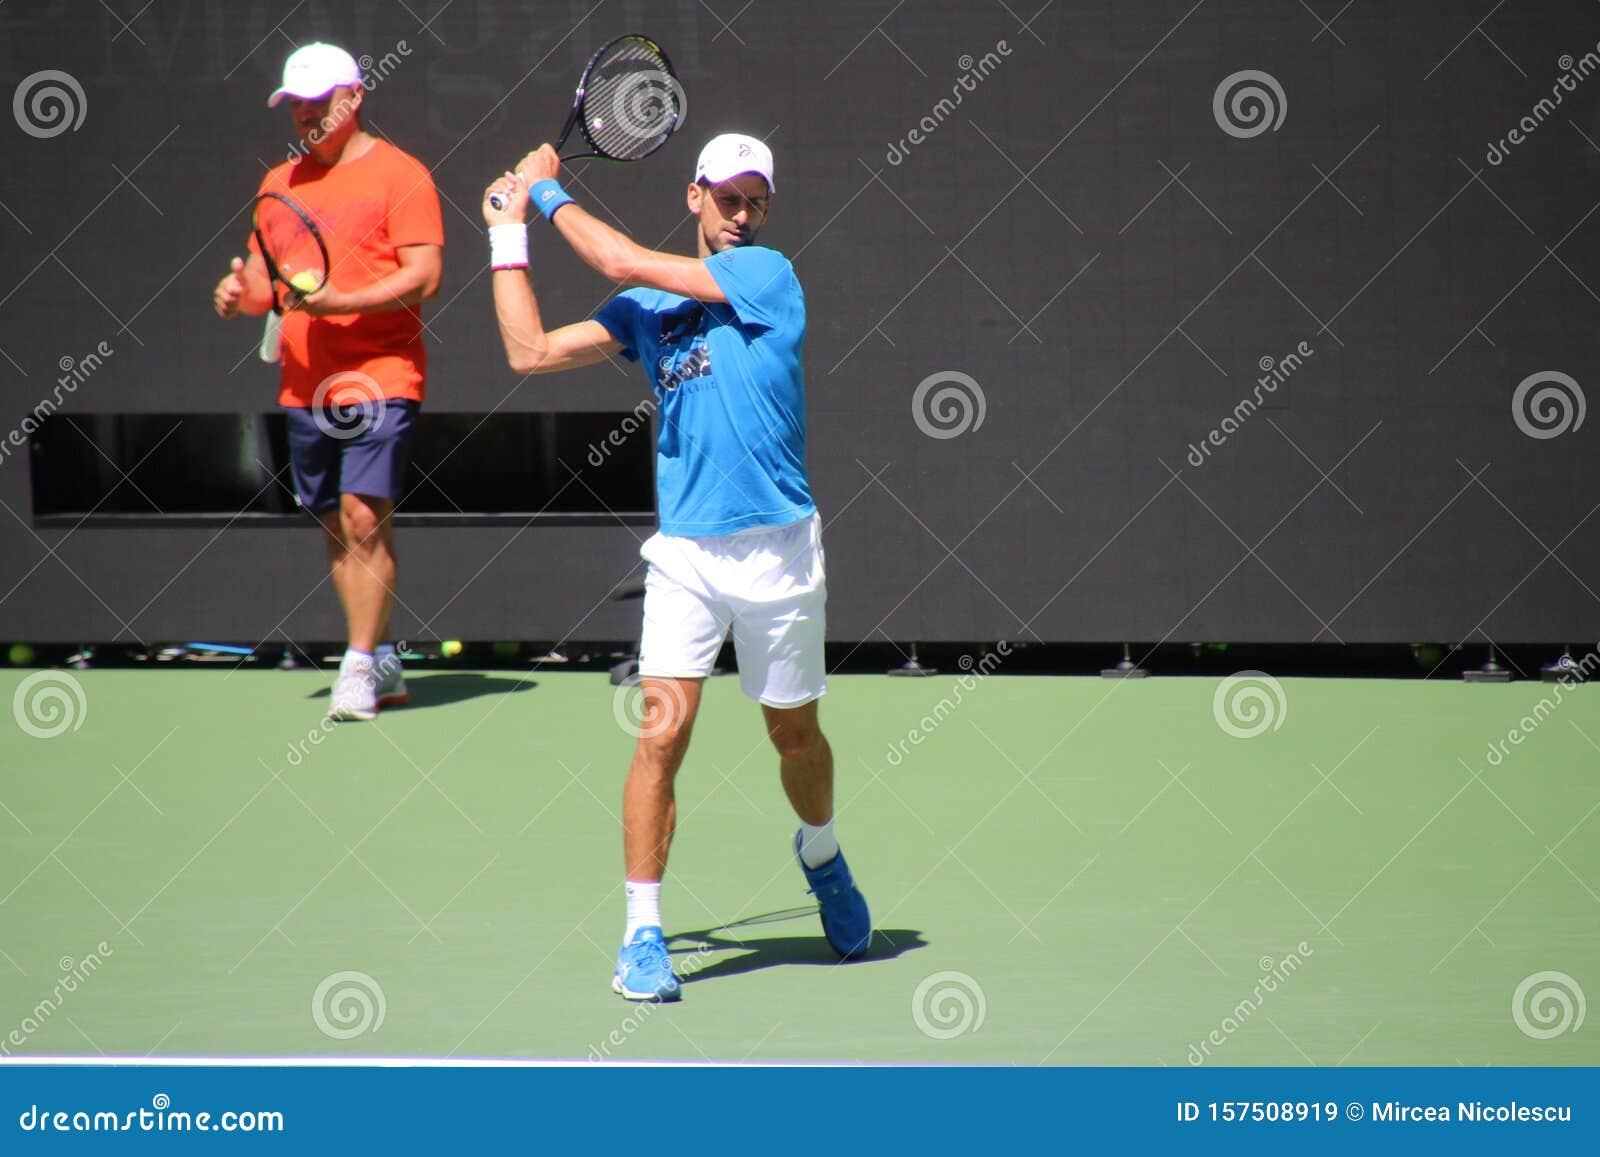 Novak Djokovic Editorial Stock Image Image Of Tennis 157508919